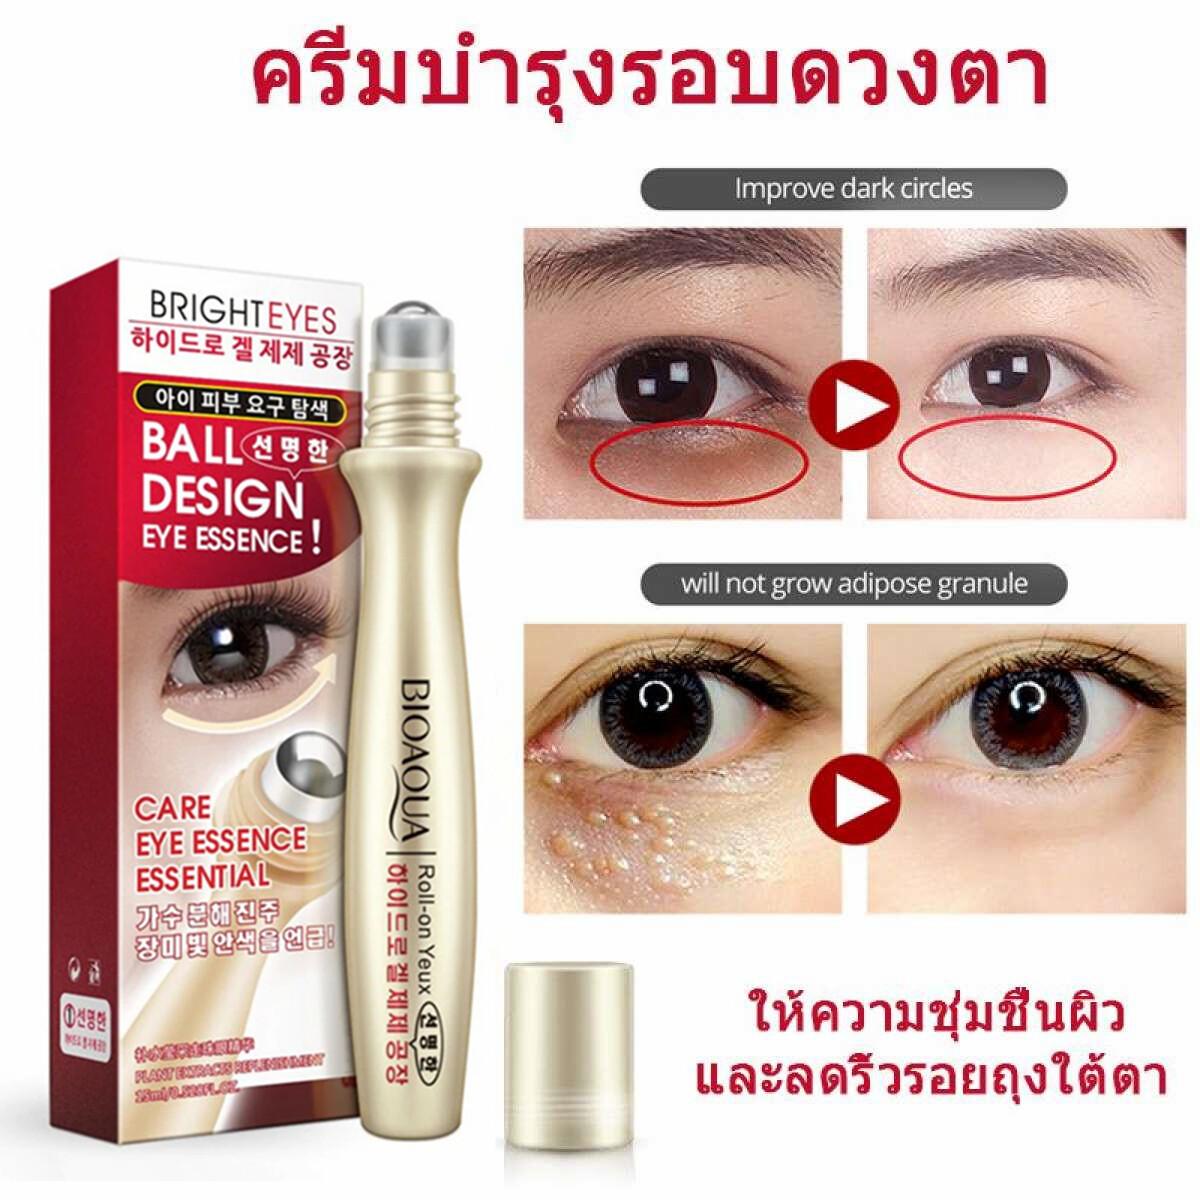 ครีมบำรุงรอบดวงตา อายครีม โรลออนลูกกลิ้ง สกินแคร์ครีมบำรุงรอบดวงตา ครีมทารอบดวงตา ให้ความชุ่มชื่นผิวและลดริ้วรอยถุงใต้ตา ต่อต้านริ้วรอยใต้ตาและรอบดวงตา.